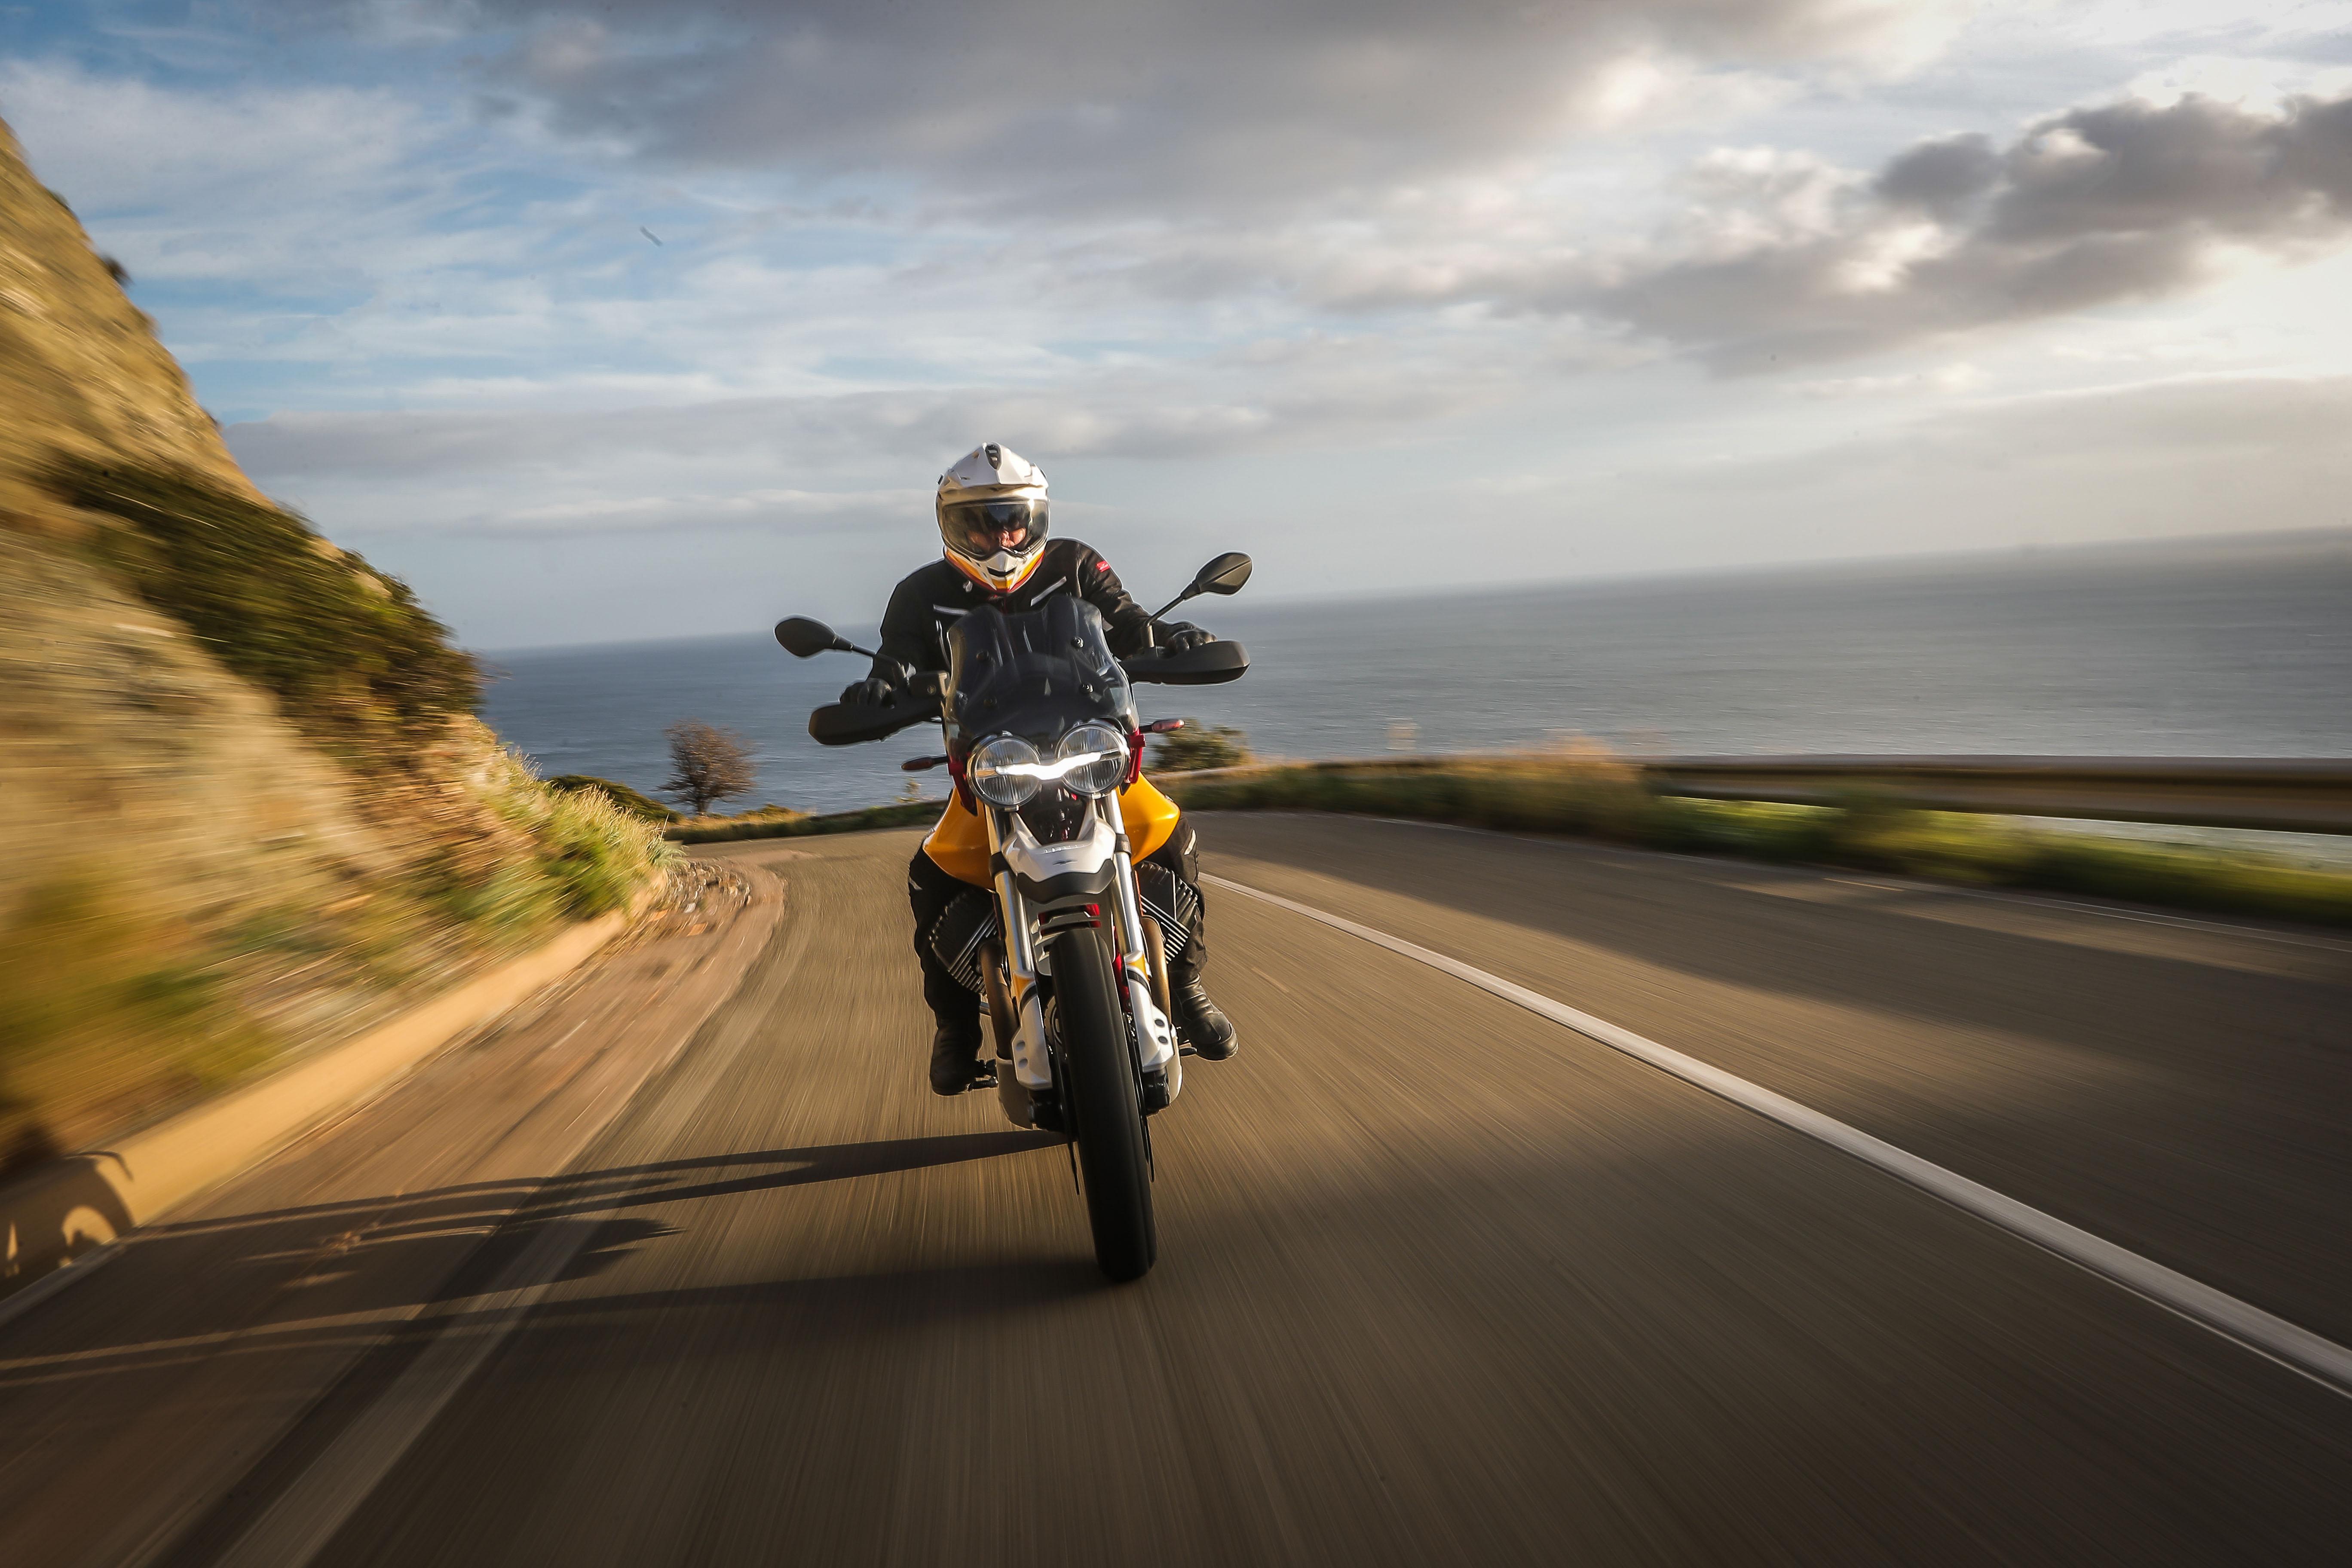 La Moto Guzzi V85 TT, al detalle